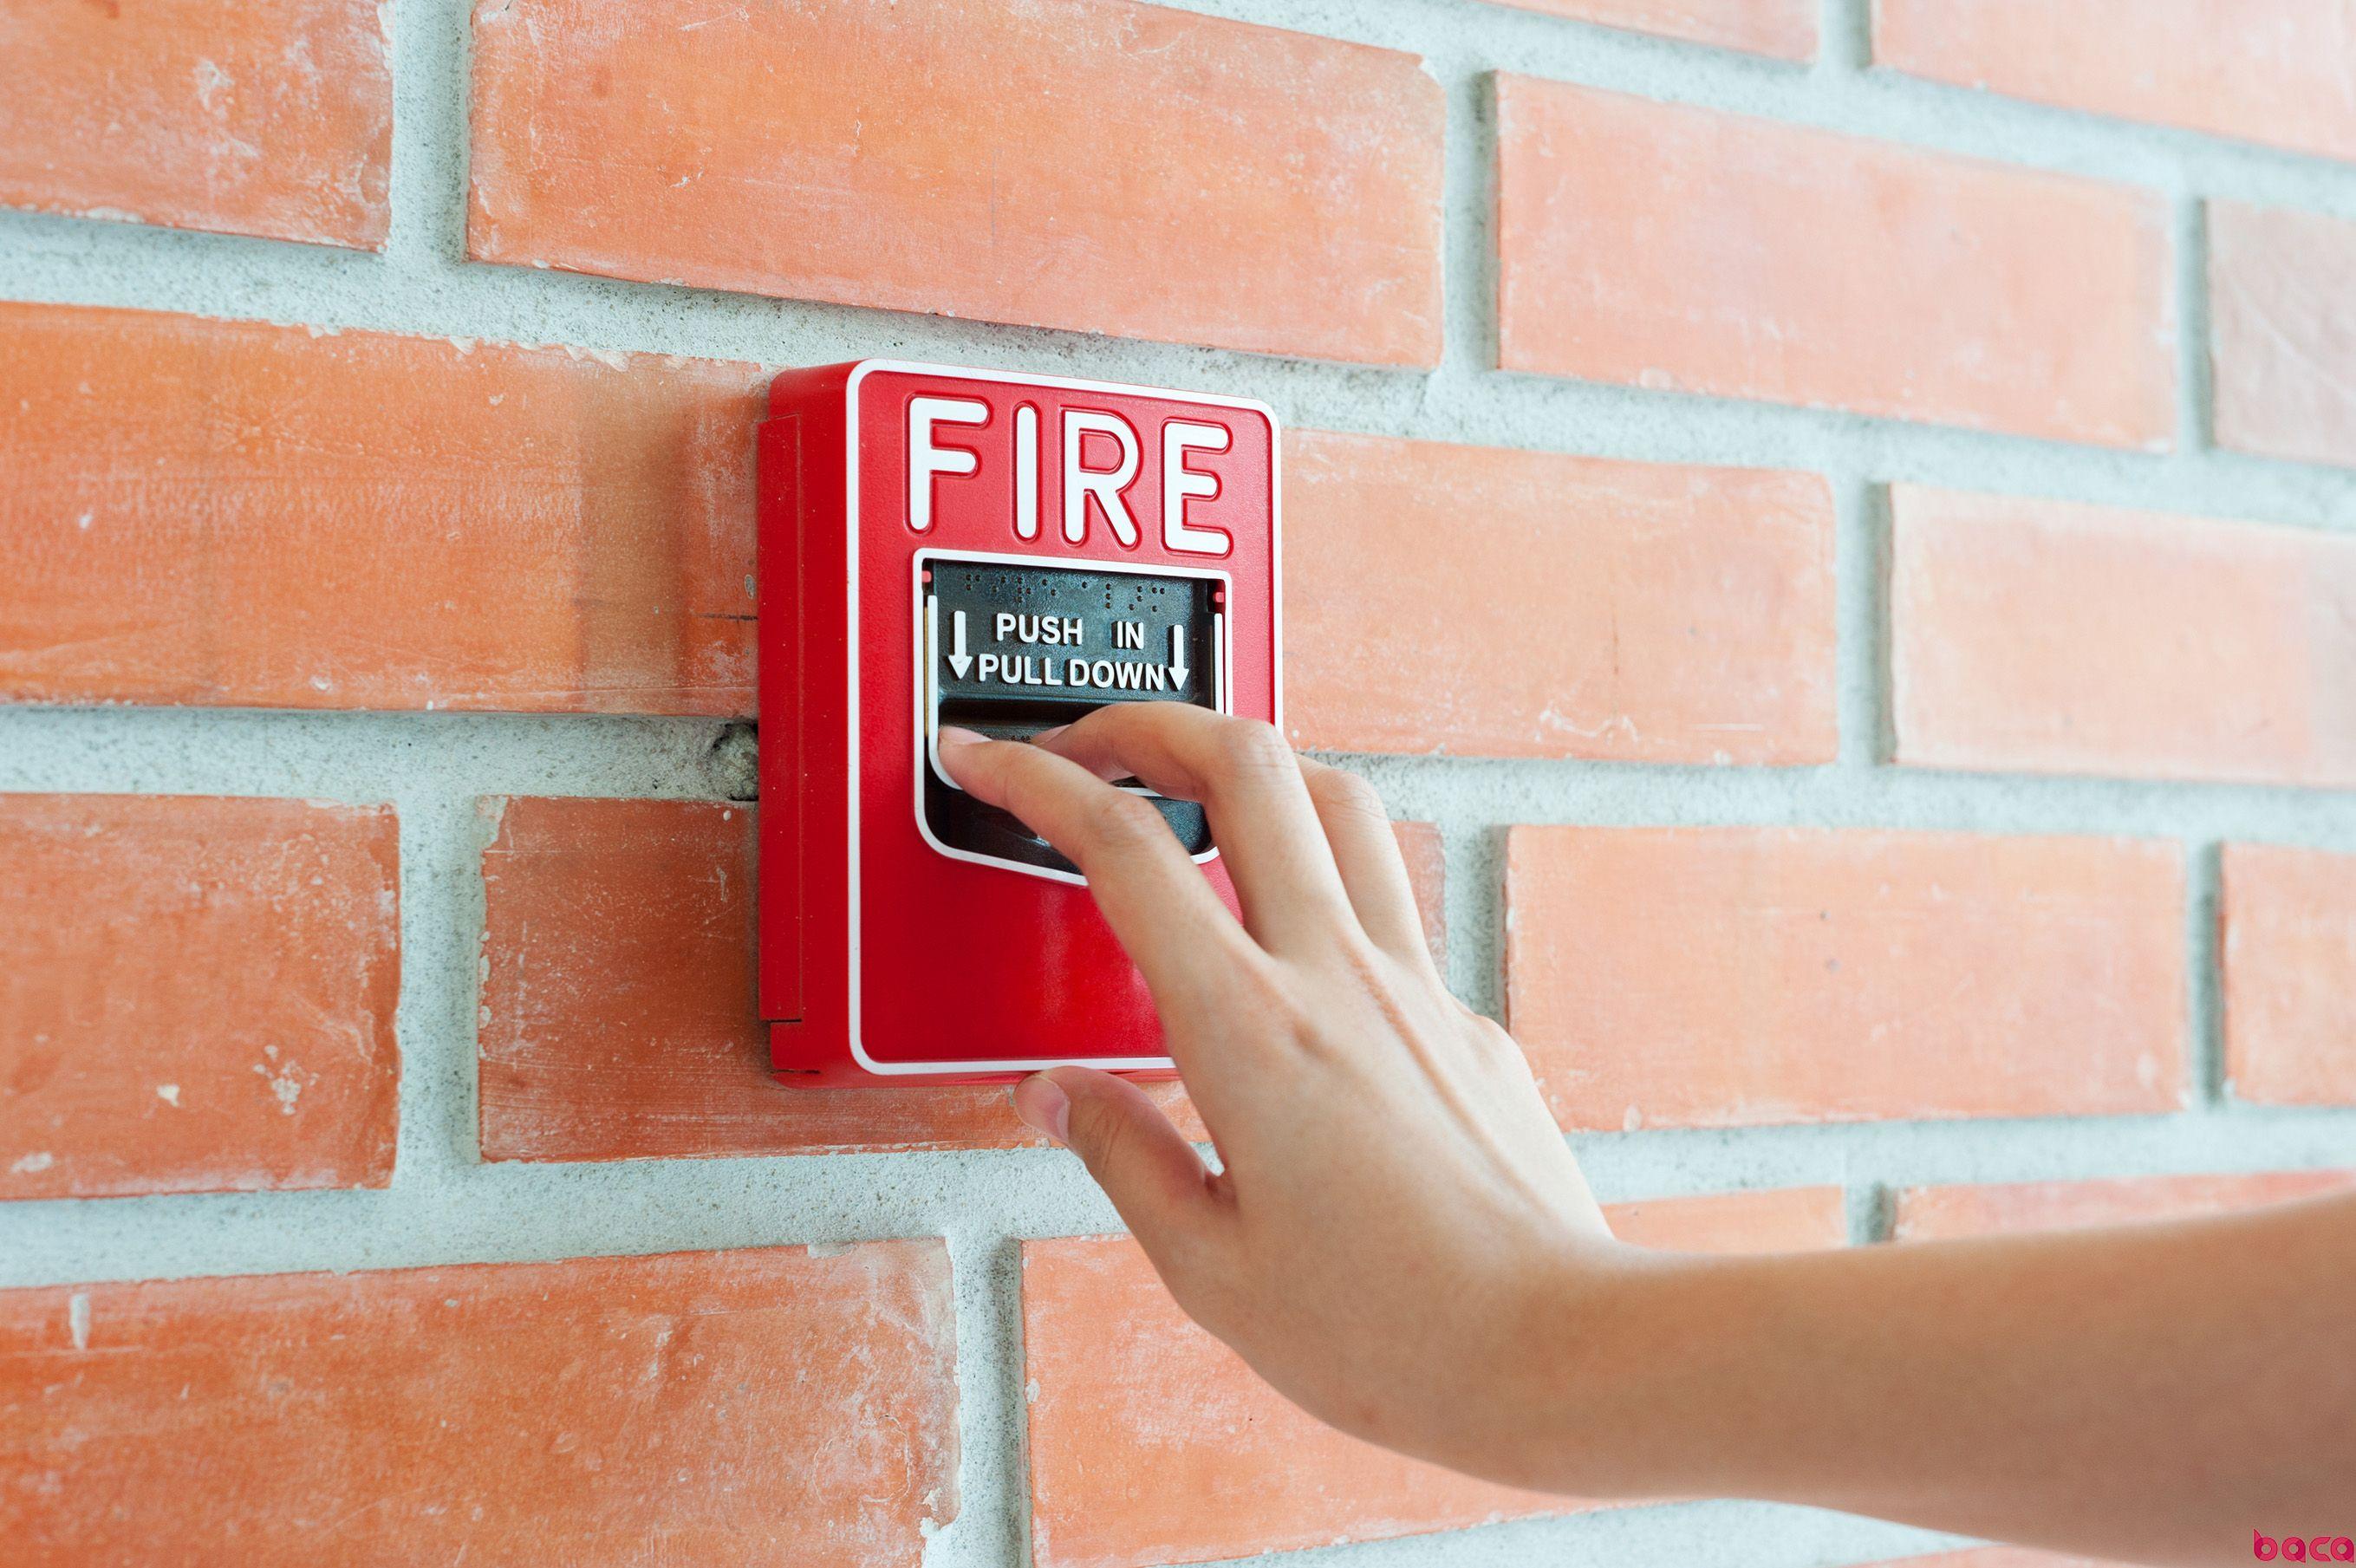 年轻人,不要玩火!消防安全讲座回顾   BACA校内动态